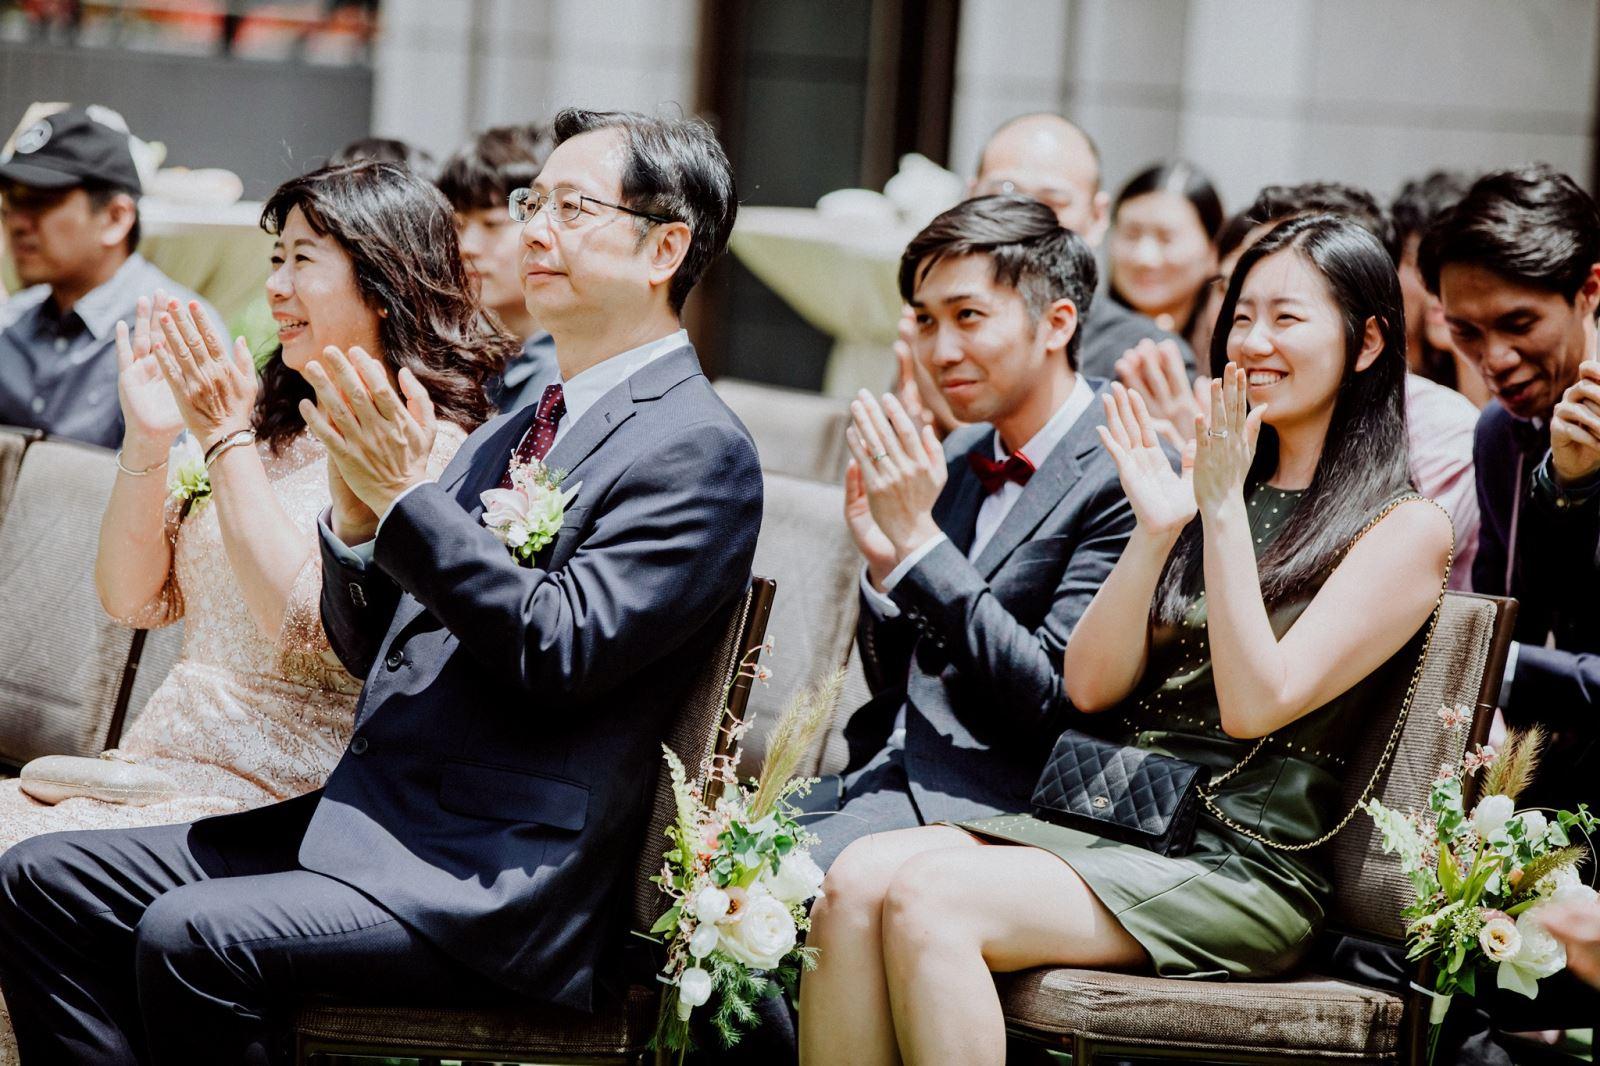 戶外婚禮,不可少的親友們掌聲祝福